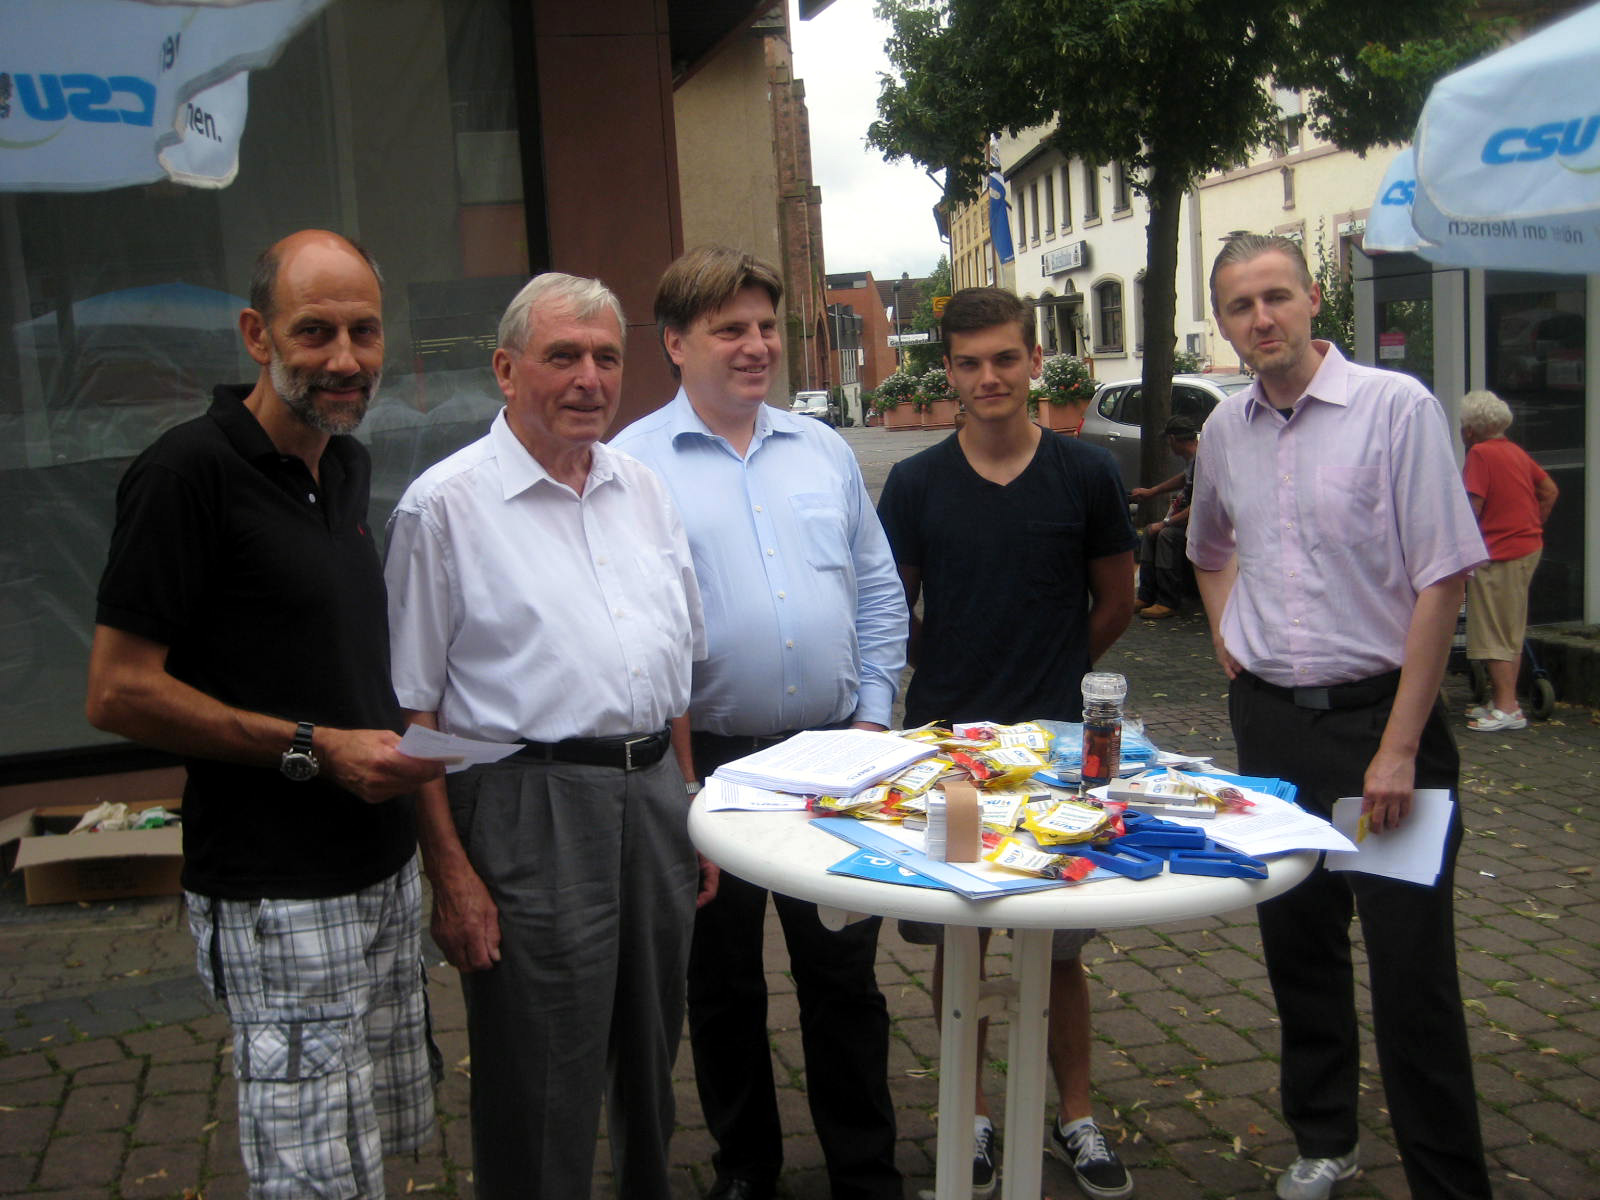 (v. l.): Gerald Otter, Günter Dehn, Winfried Bausback (MdL), Peter Gerlach, Matthias Tübel